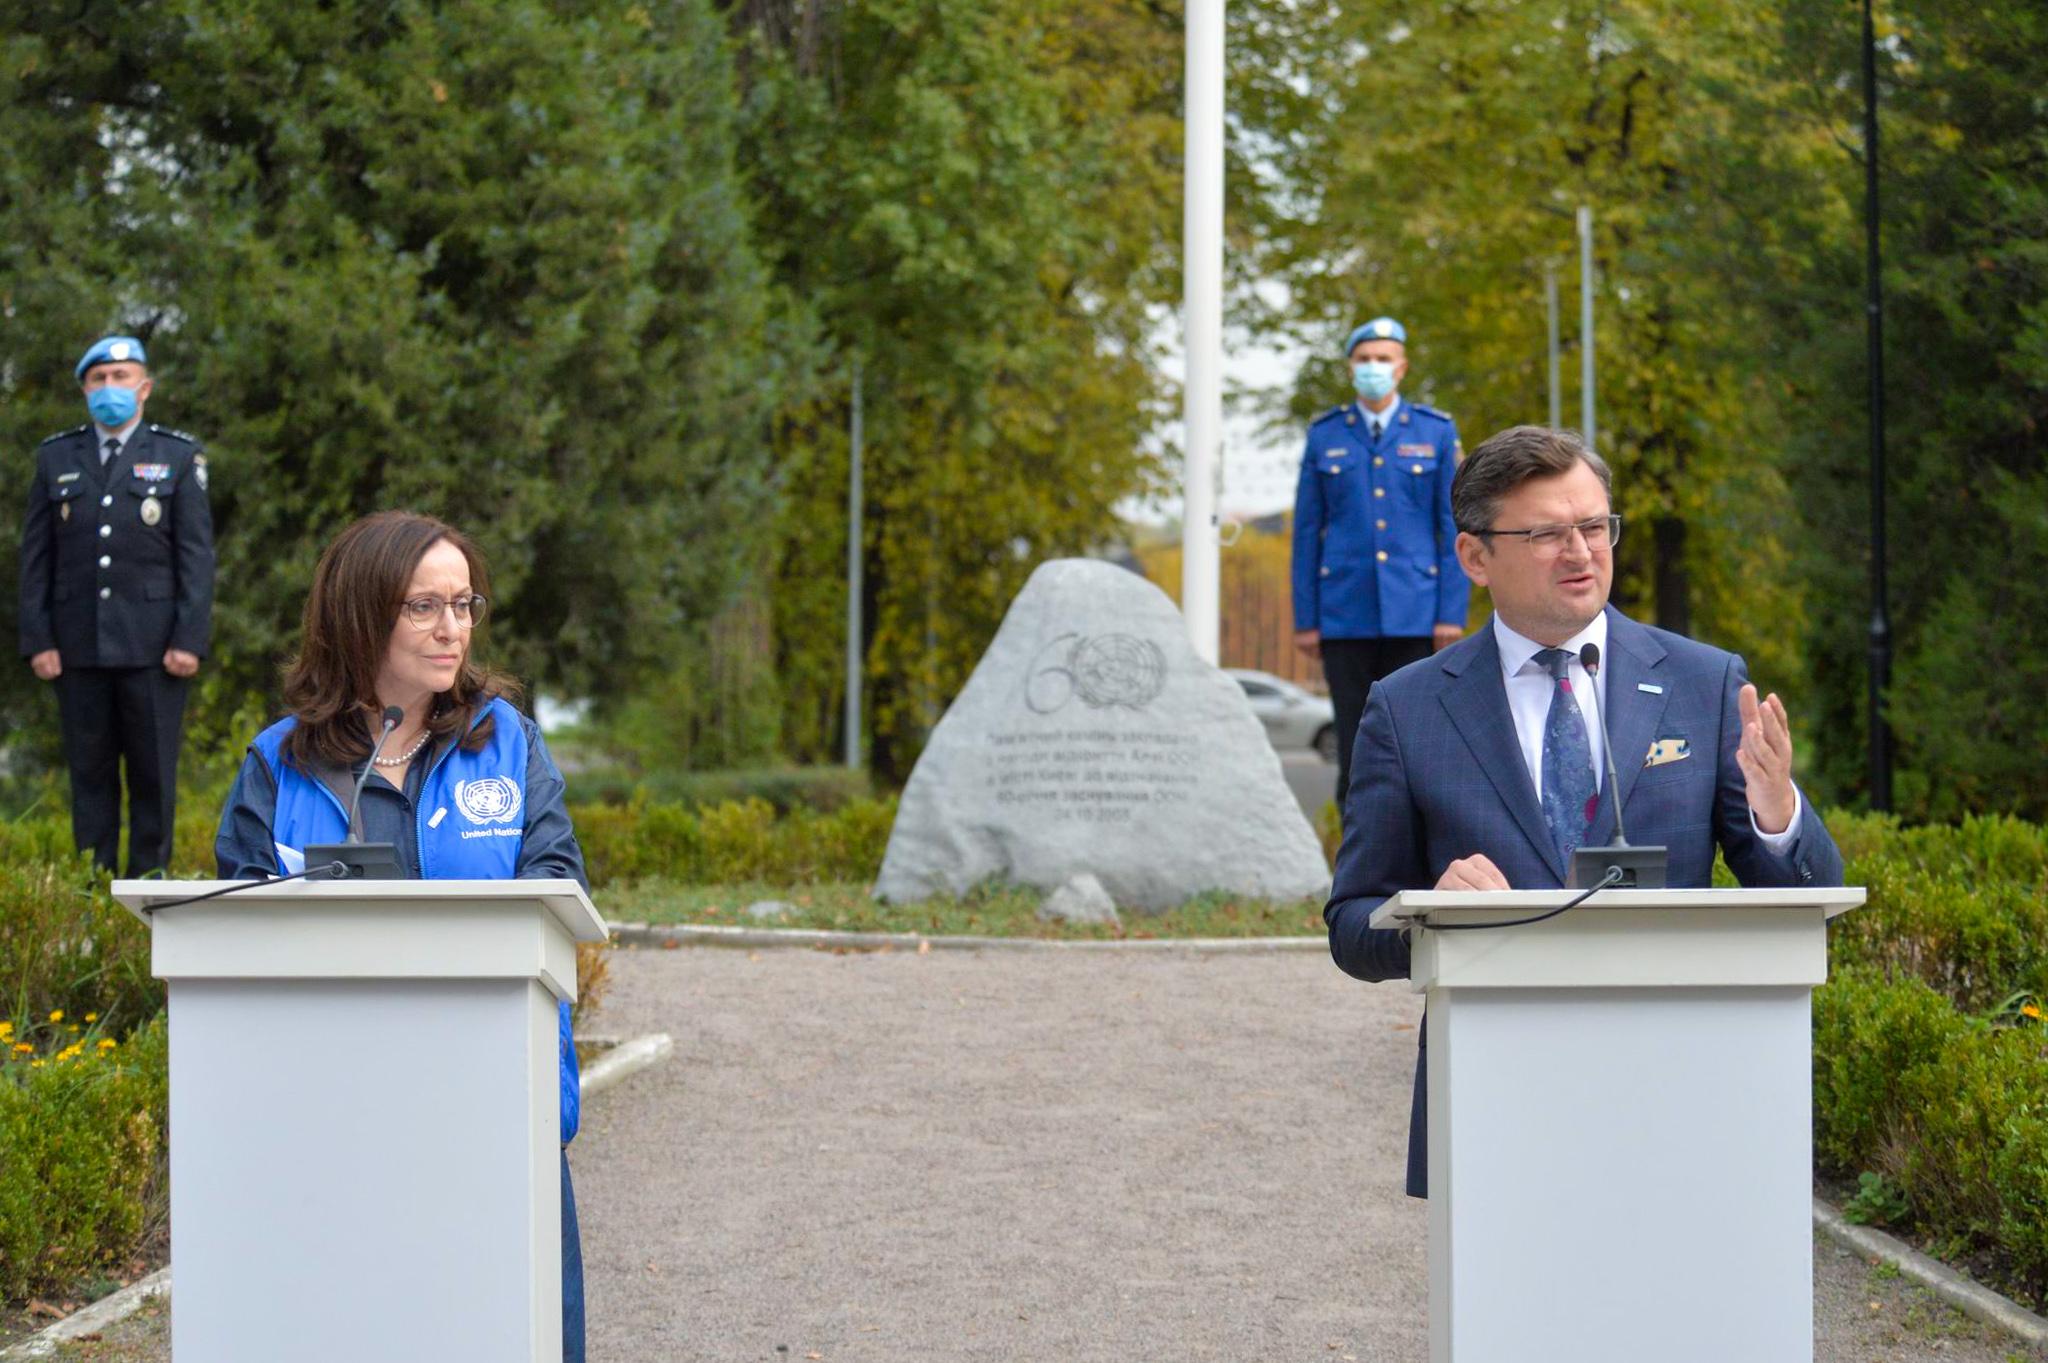 Міністр закордонних справ України та Координаторка системи ООН в Україні спільно відзначили 75-у річницю ООН